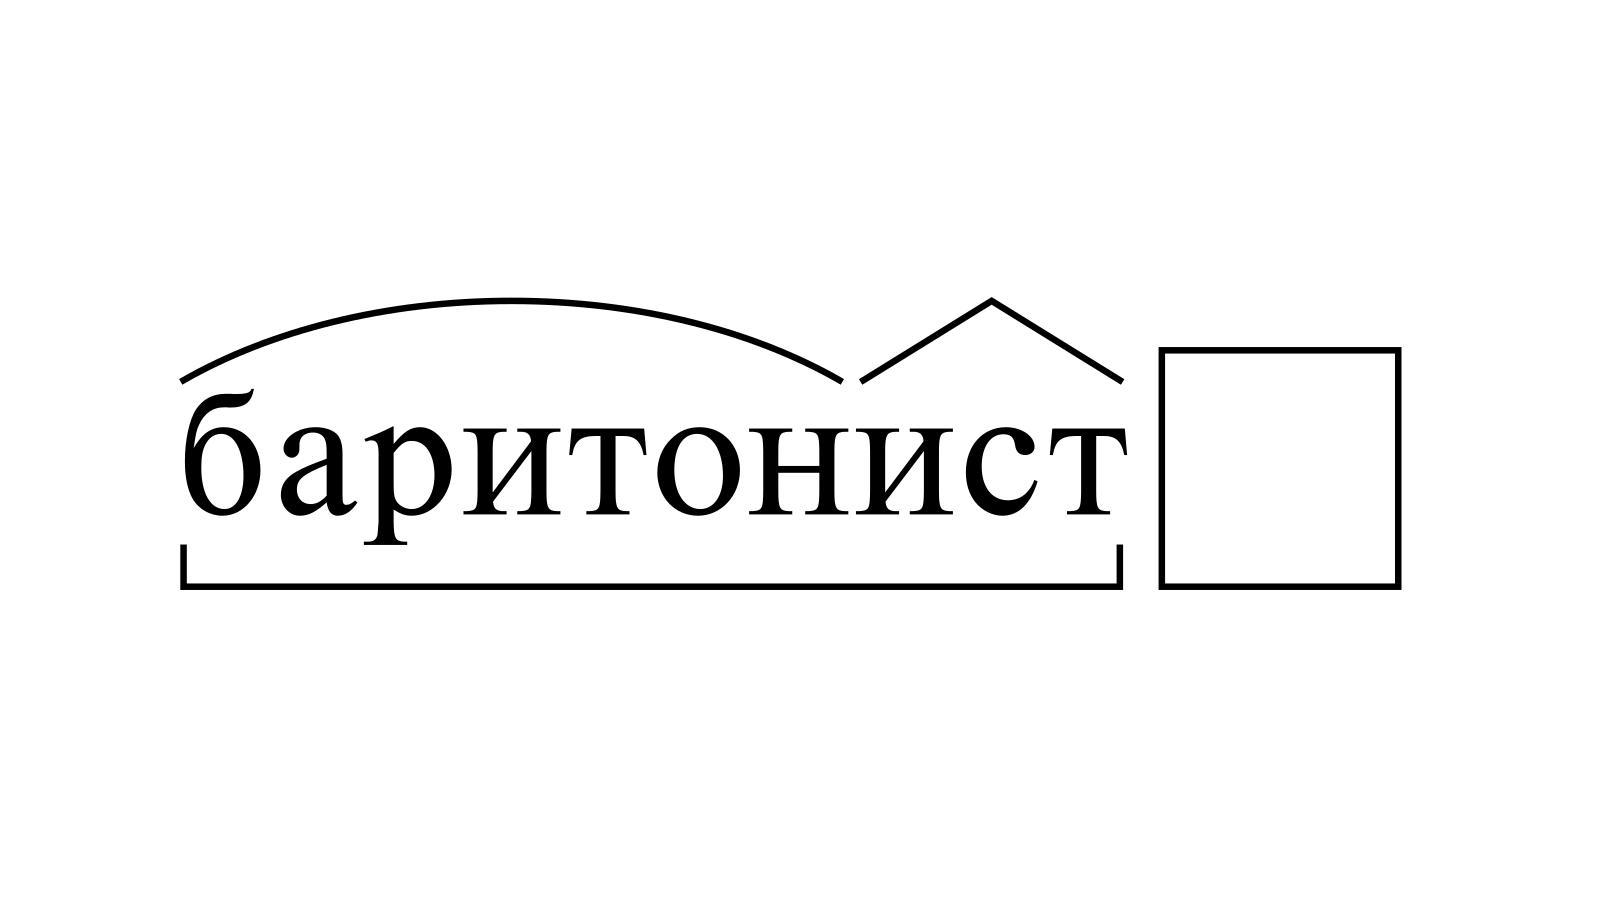 Разбор слова «баритонист» по составу